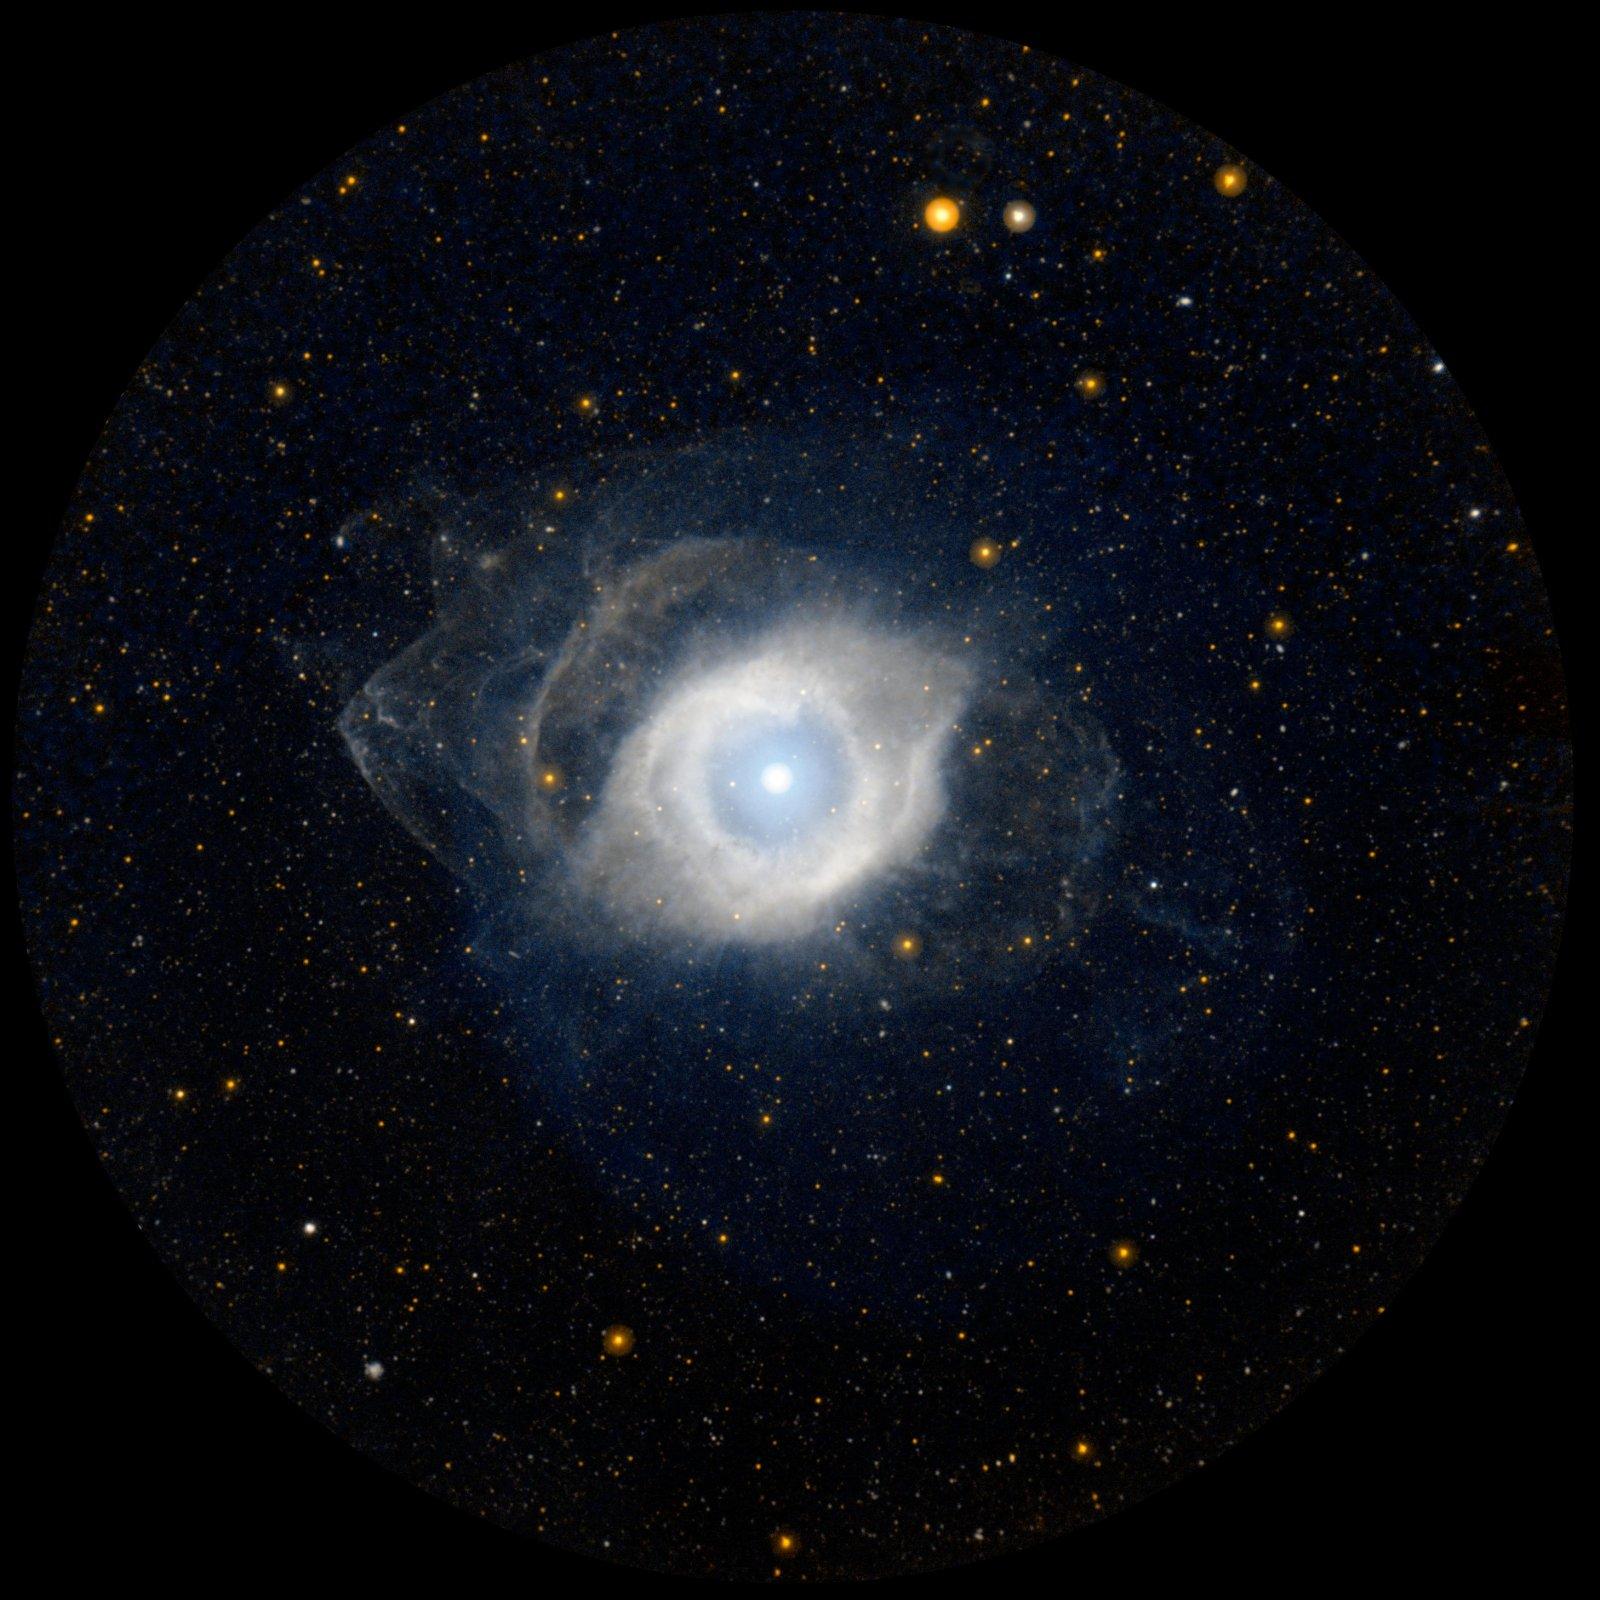 La nebulosa de l'Hèlix, formada quan la nana blanca al seu centre va alliberar les seves capes exteriors